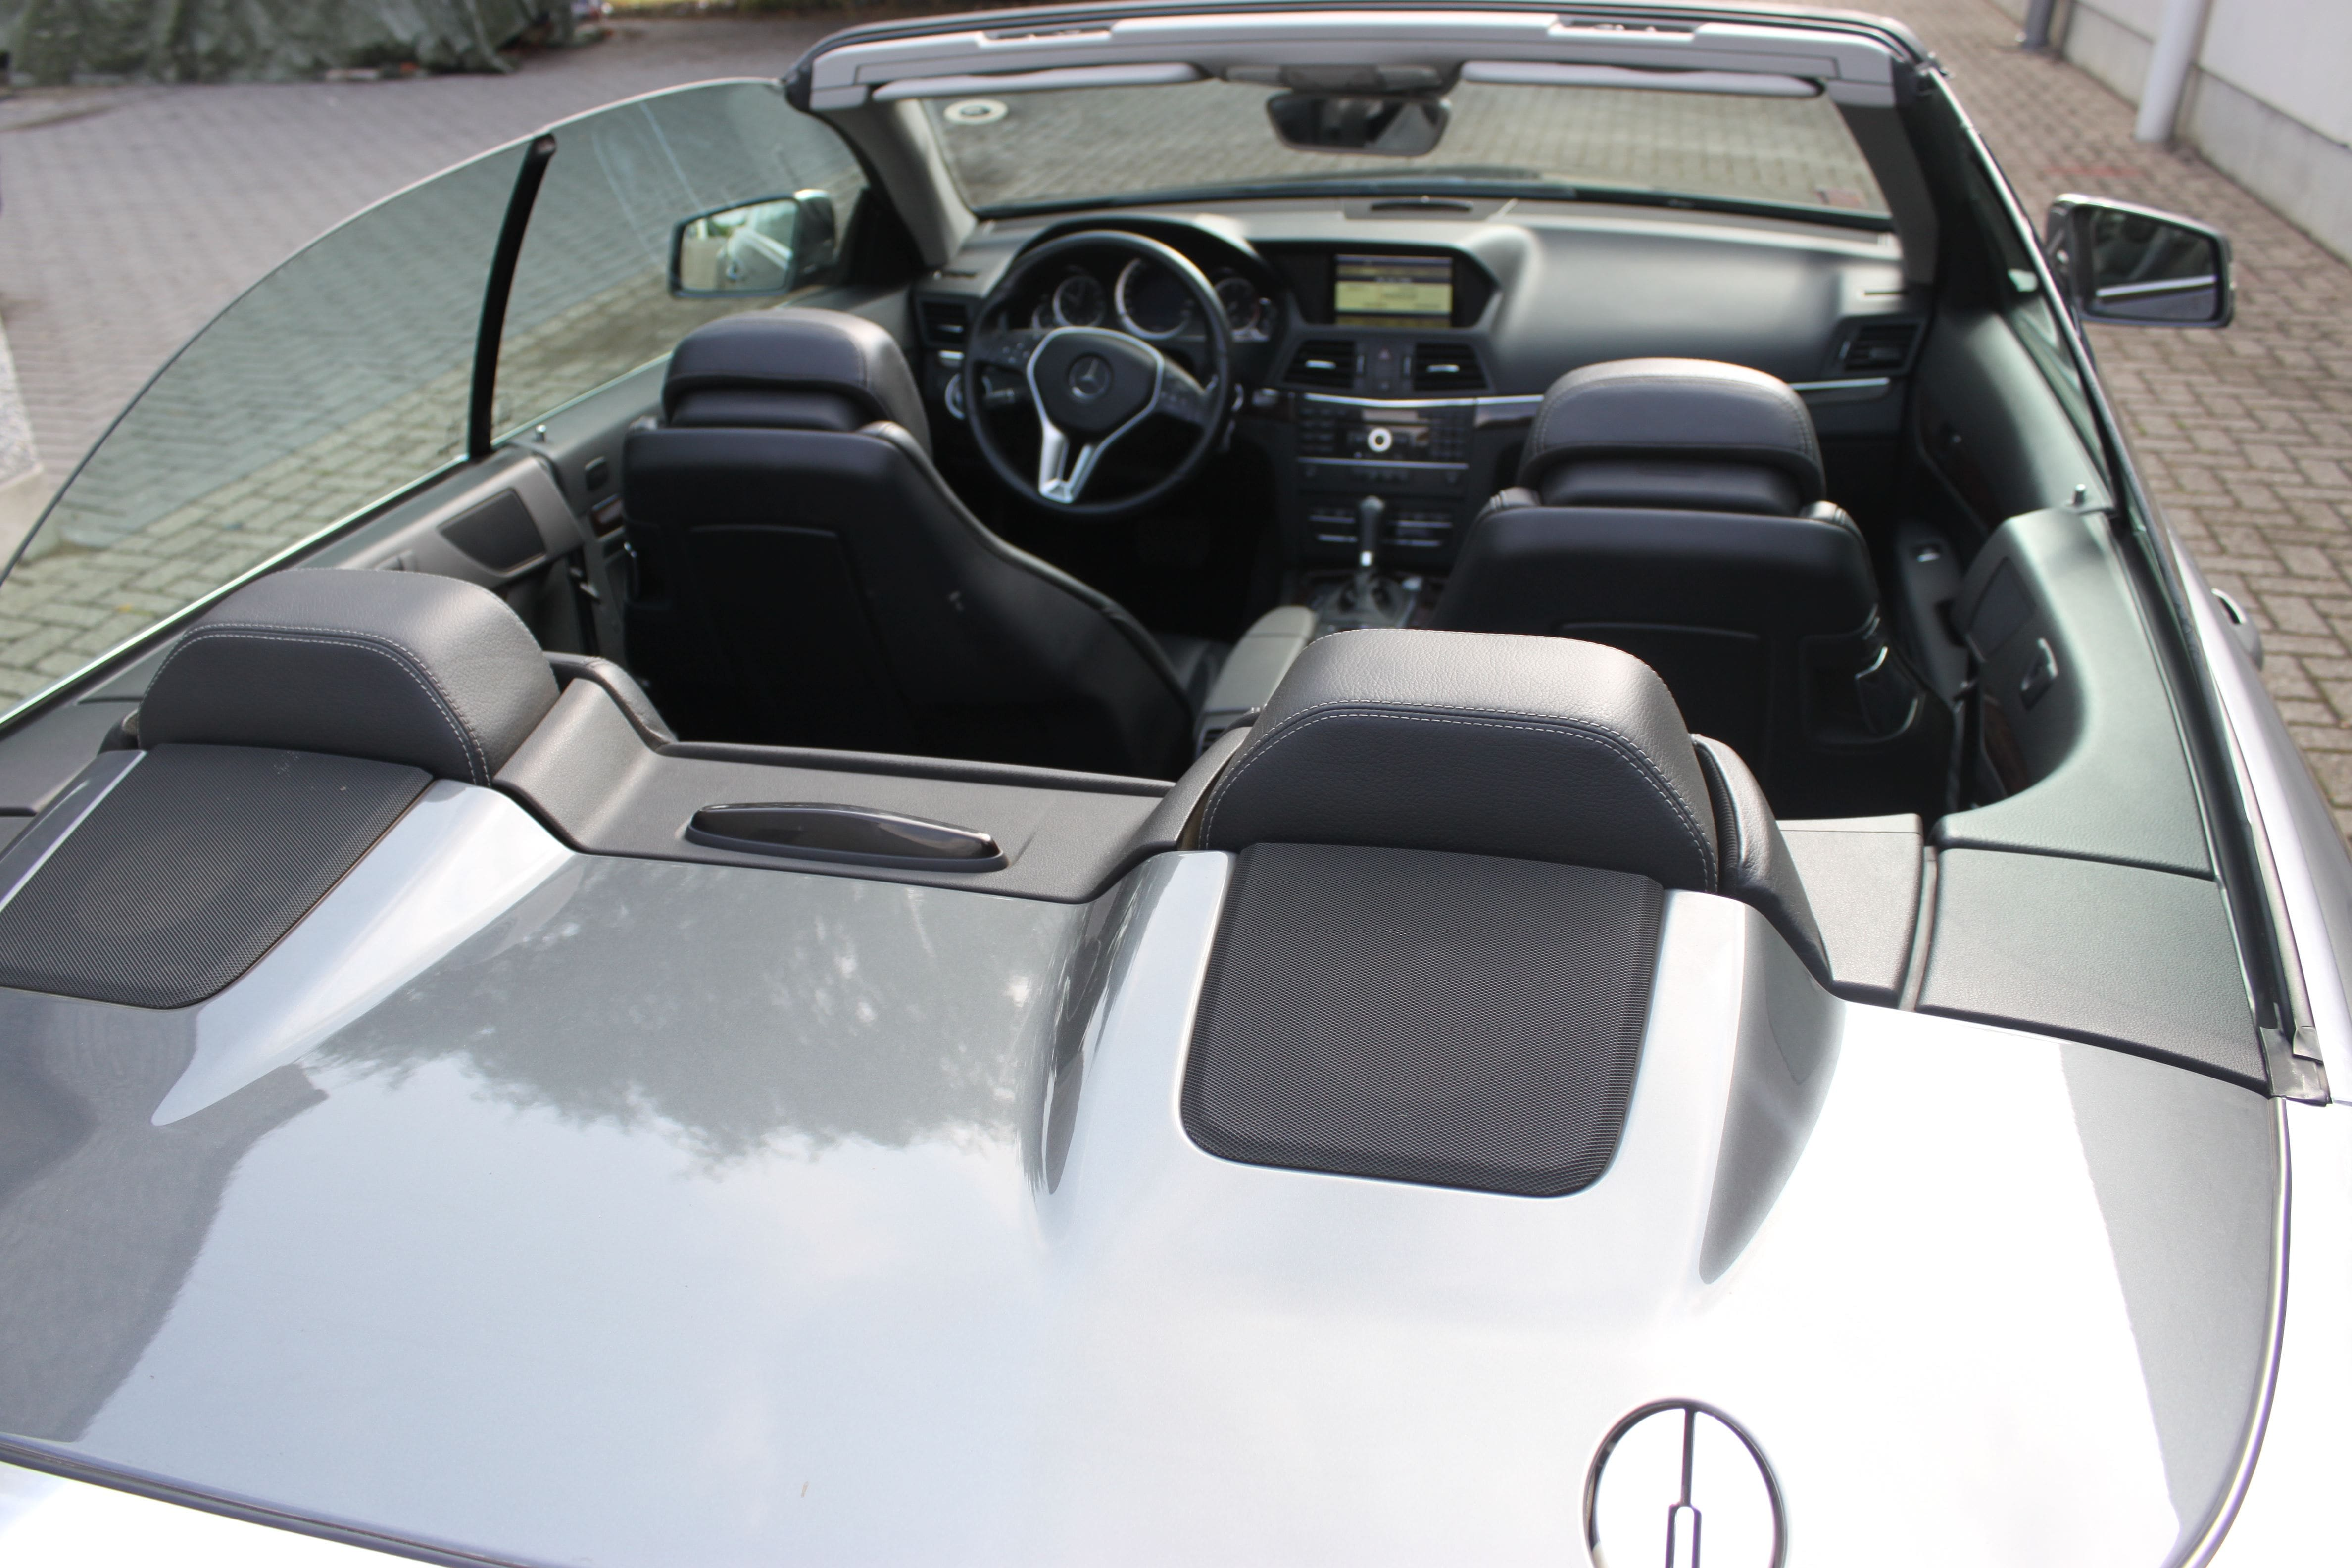 Mercedes E-Klasse Cabrio met Gunpowder Wrap, Carwrapping door Wrapmyride.nu Foto-nr:6245, ©2020